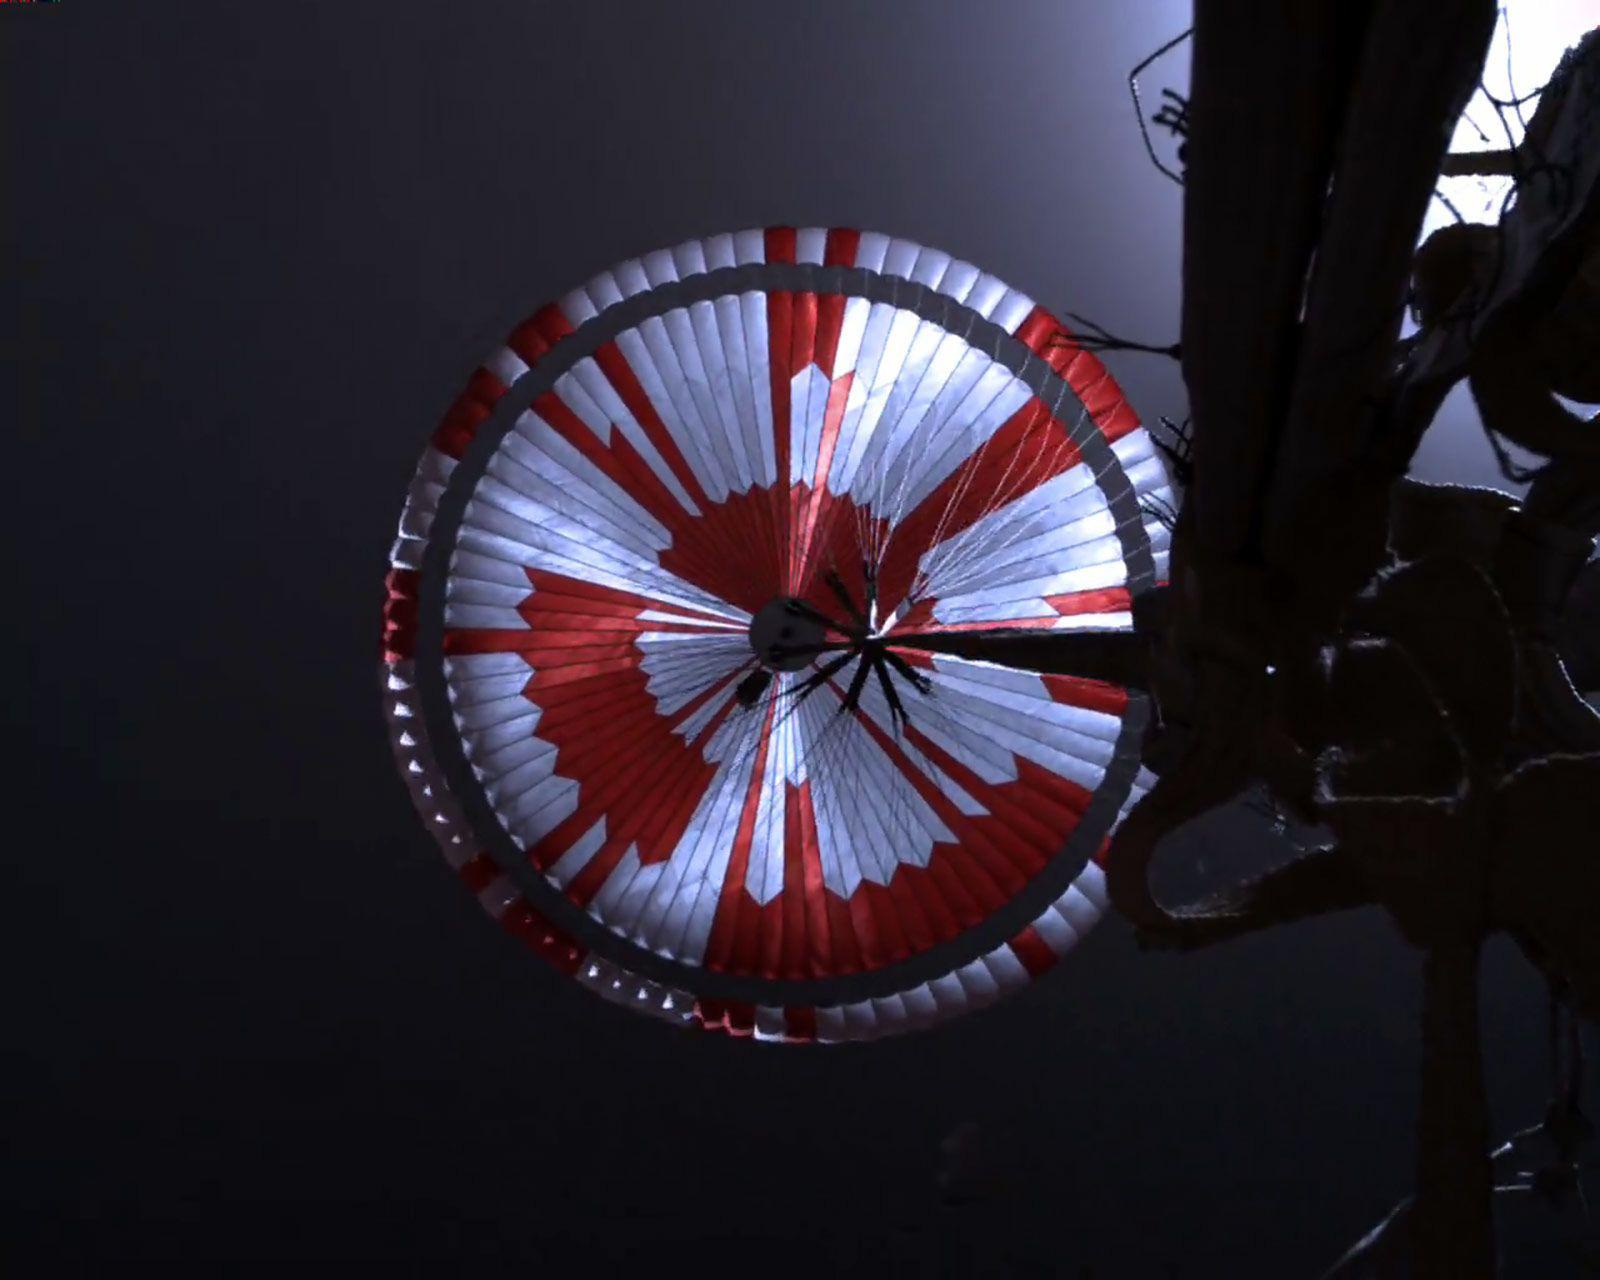 NASA công bố những hình ảnh mới nhất tại sao Hỏa - Ảnh 3.